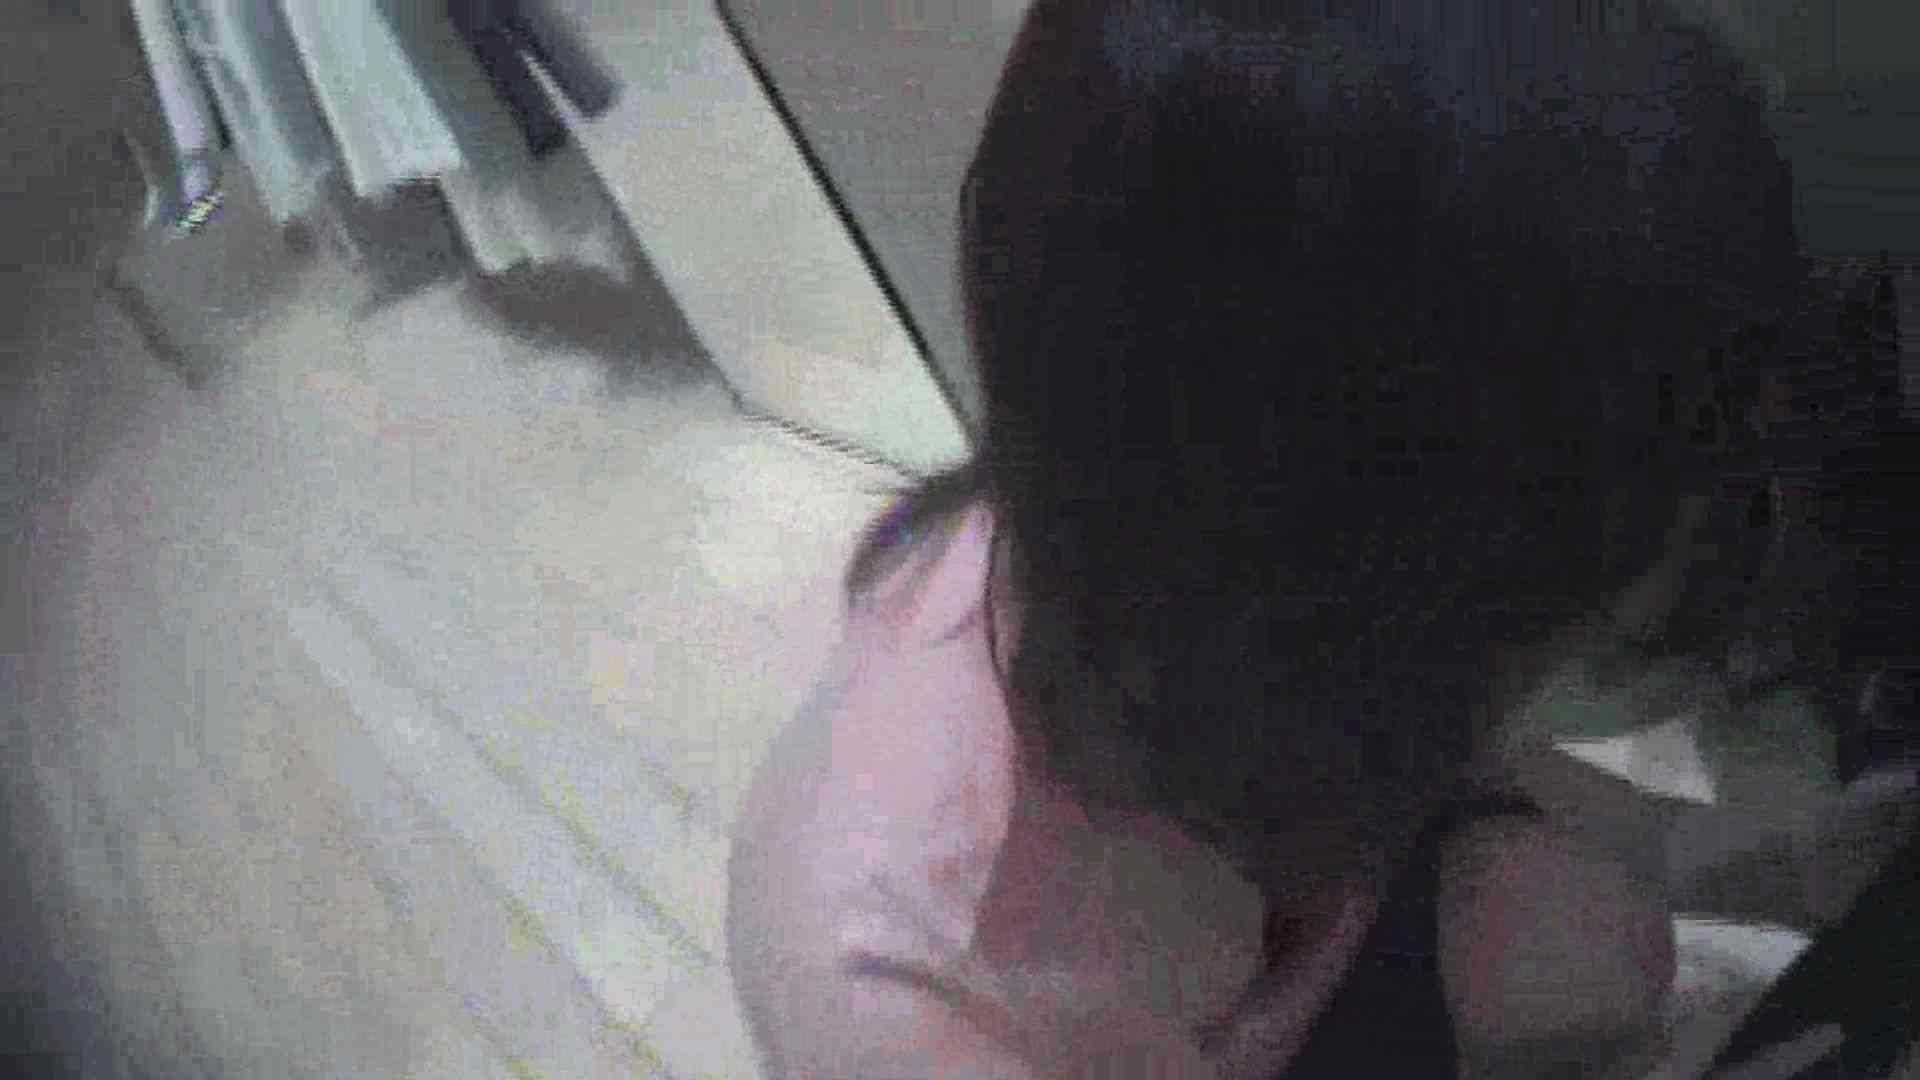 働く美女の谷間参拝 Vol.18 美しいOLの裸体 ワレメ無修正動画無料 94pic 41